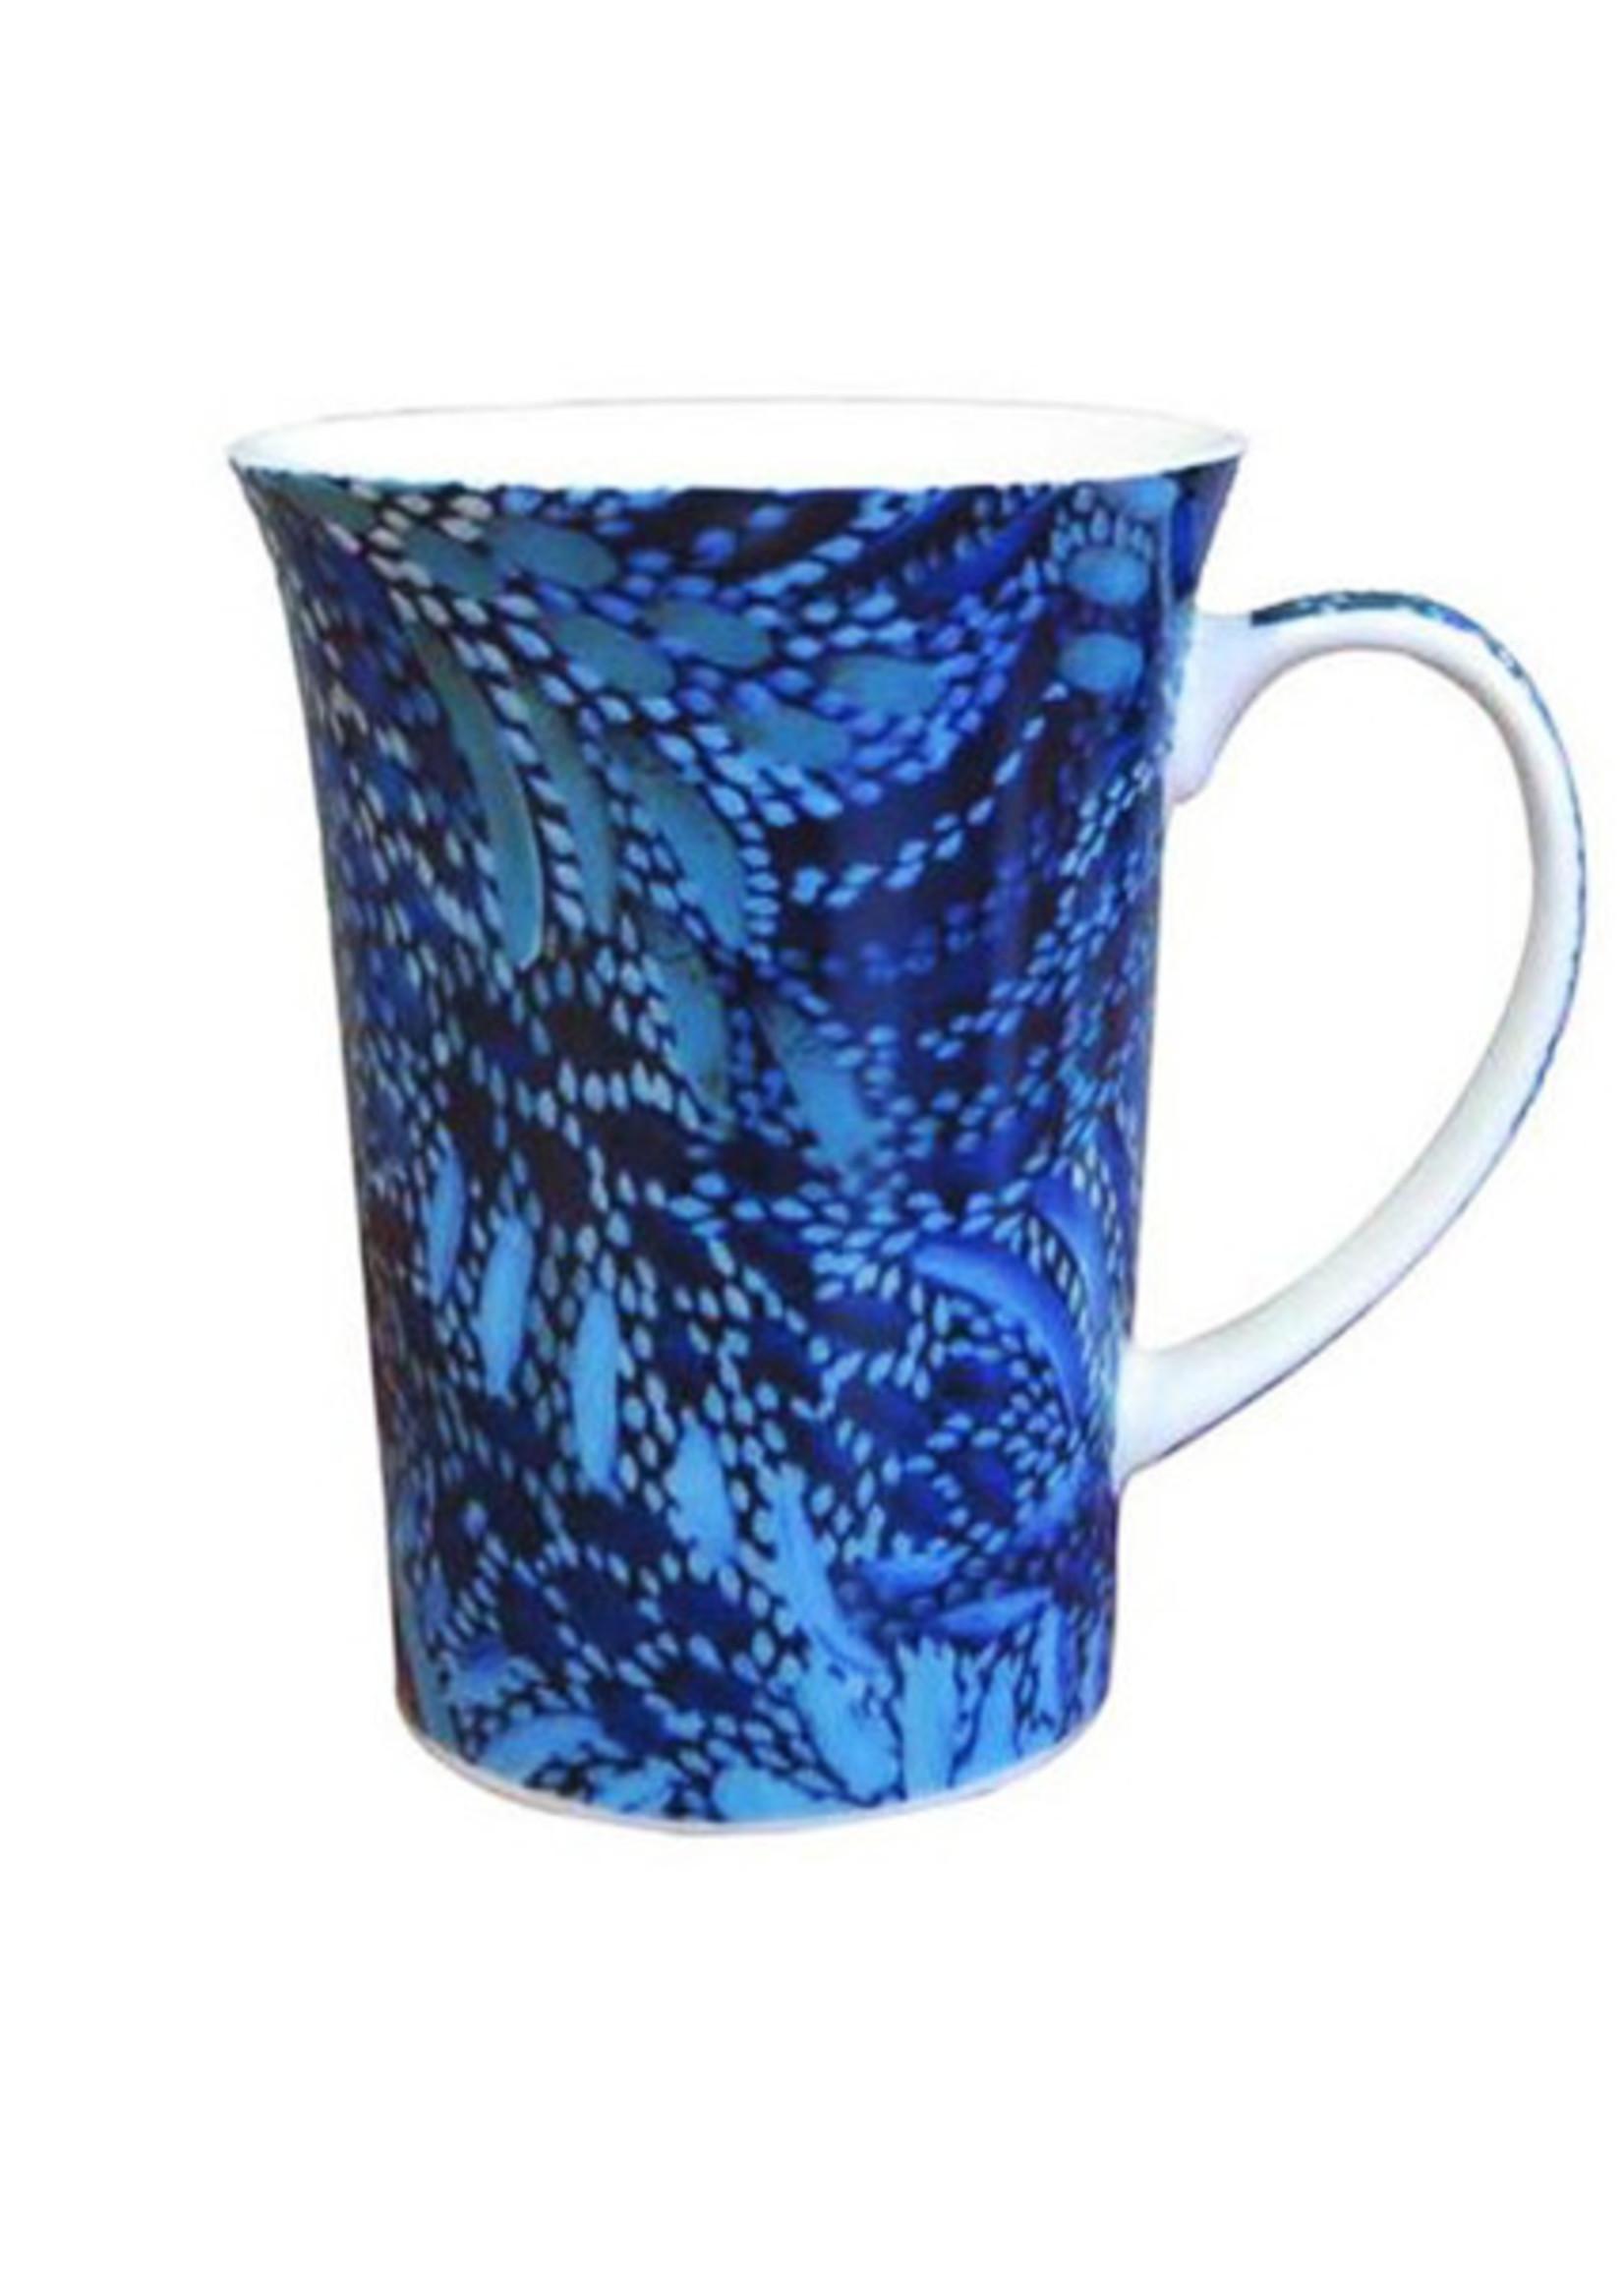 Utopia Mug - Janelle Stockman 159